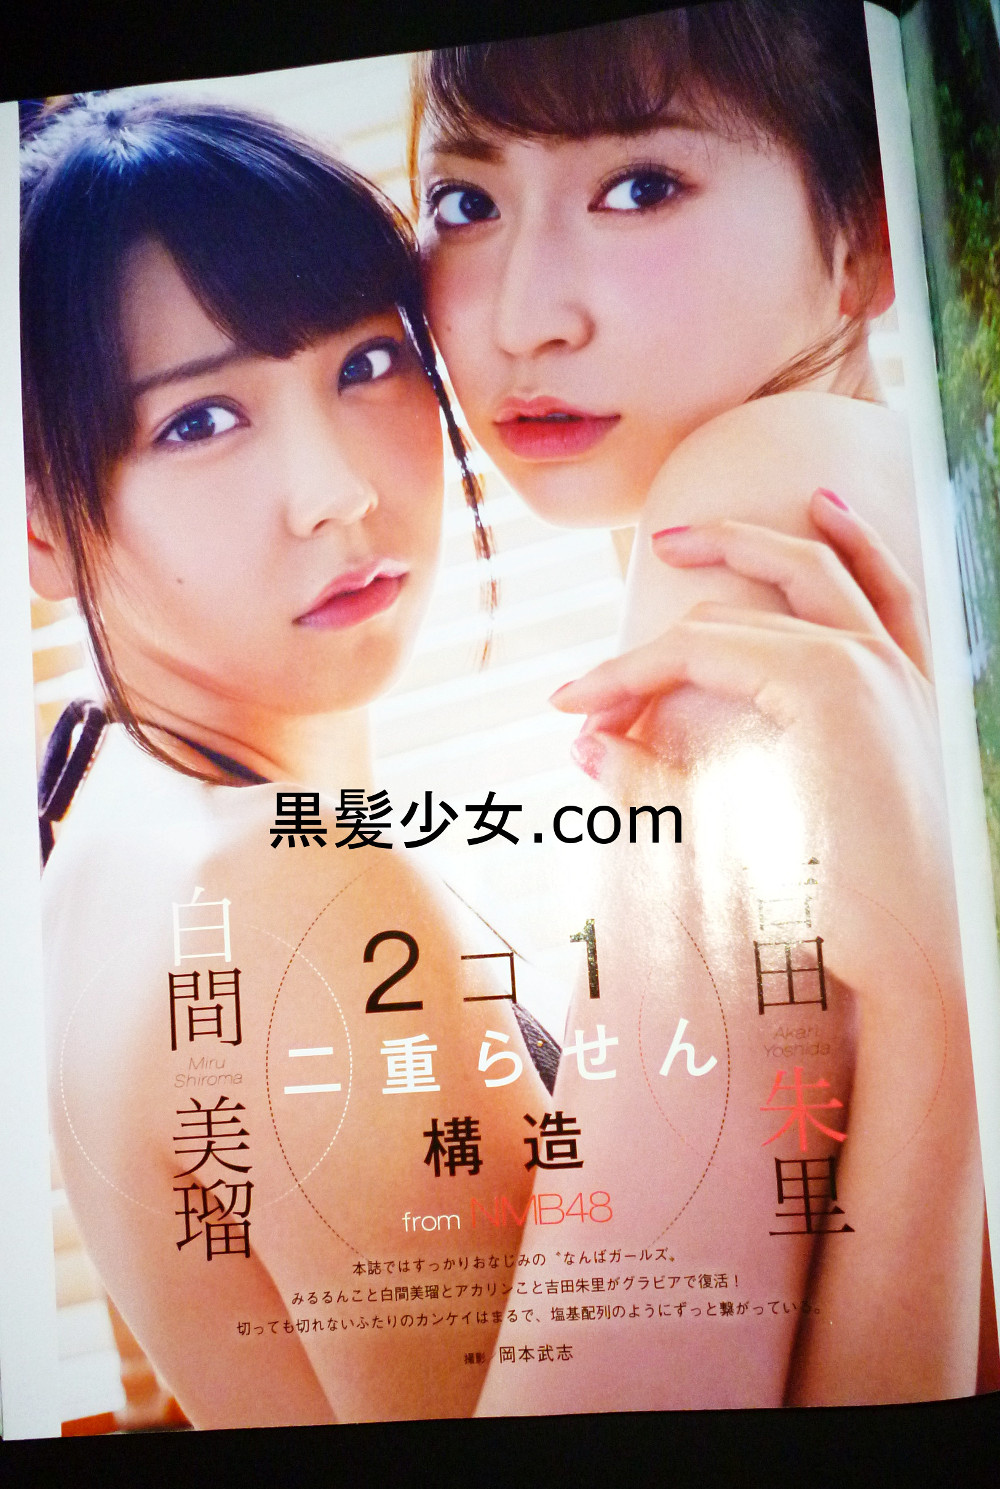 吉田朱里&白間美瑠 水着ポスターGet! エンタメ2016年5月号 表紙 渡辺美優紀 (4)